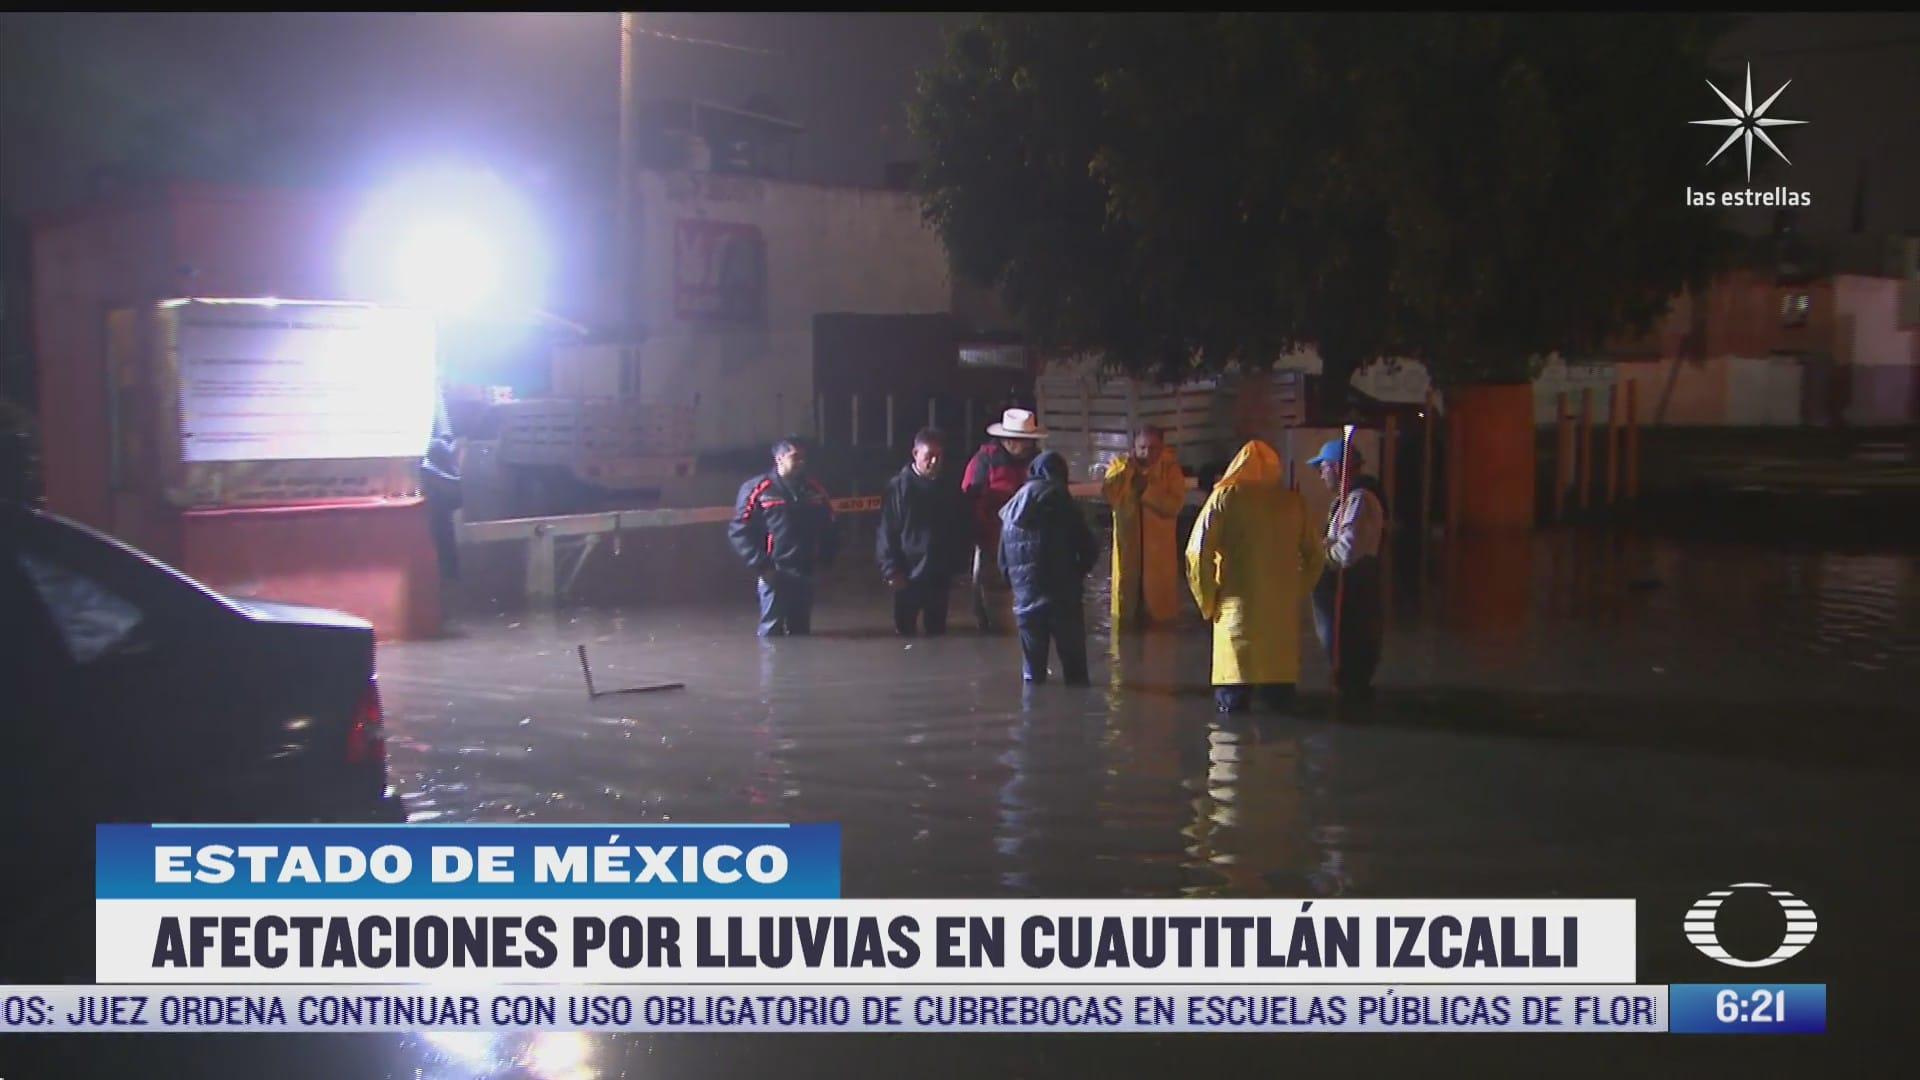 lluvias afectan 10 colonias en cuautitlan izcalli estado de mexico